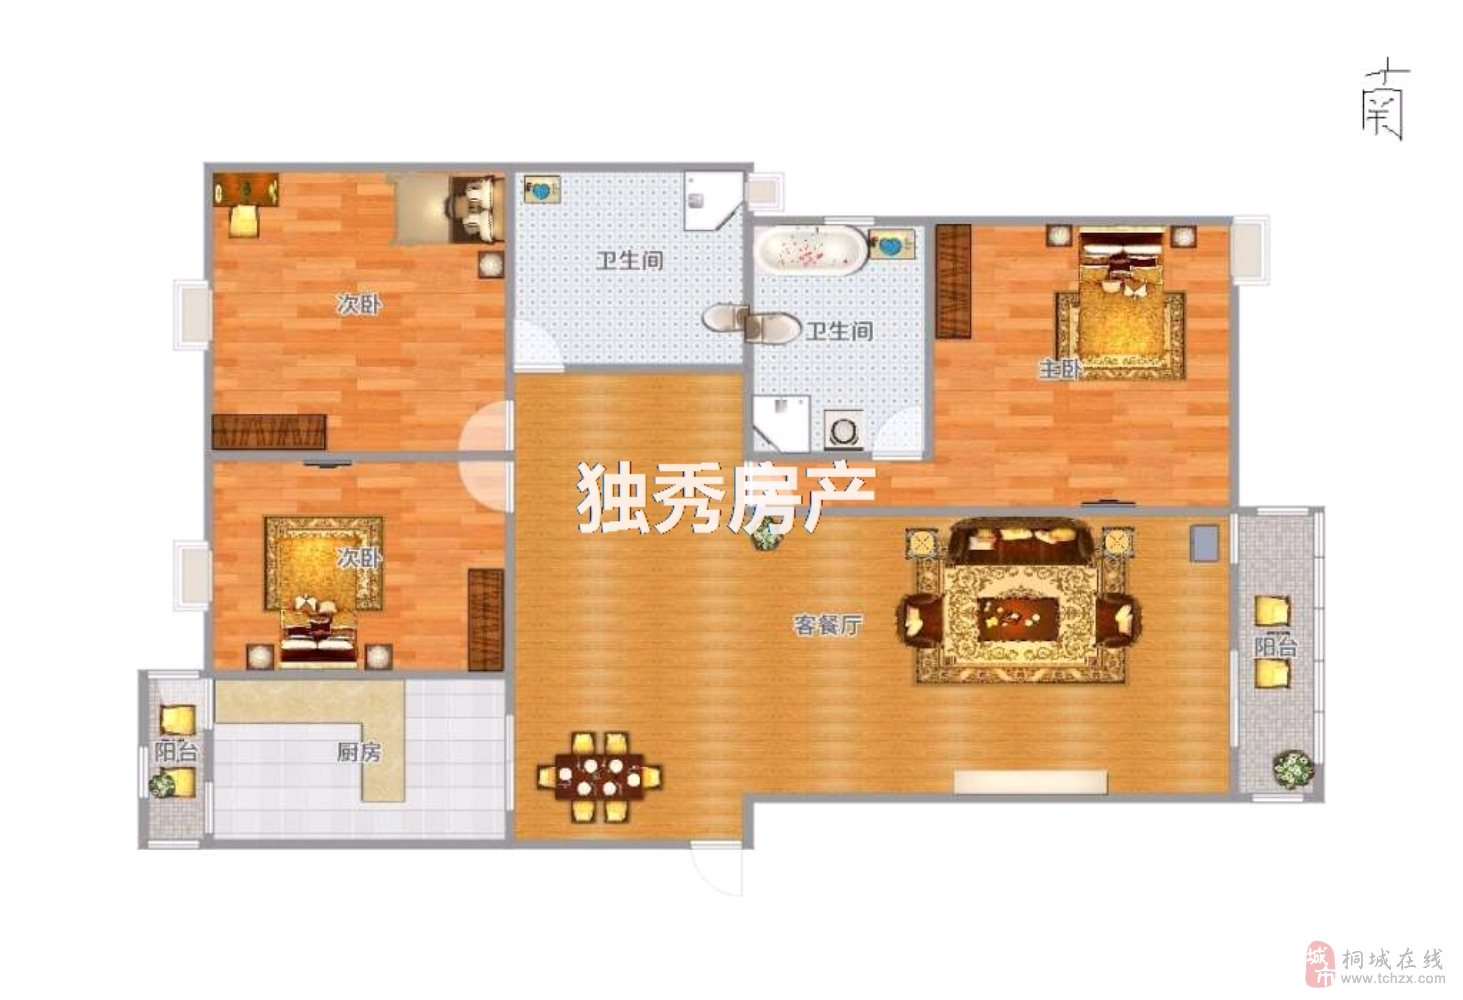 出售天红·中环银座3室2厅2卫74万元